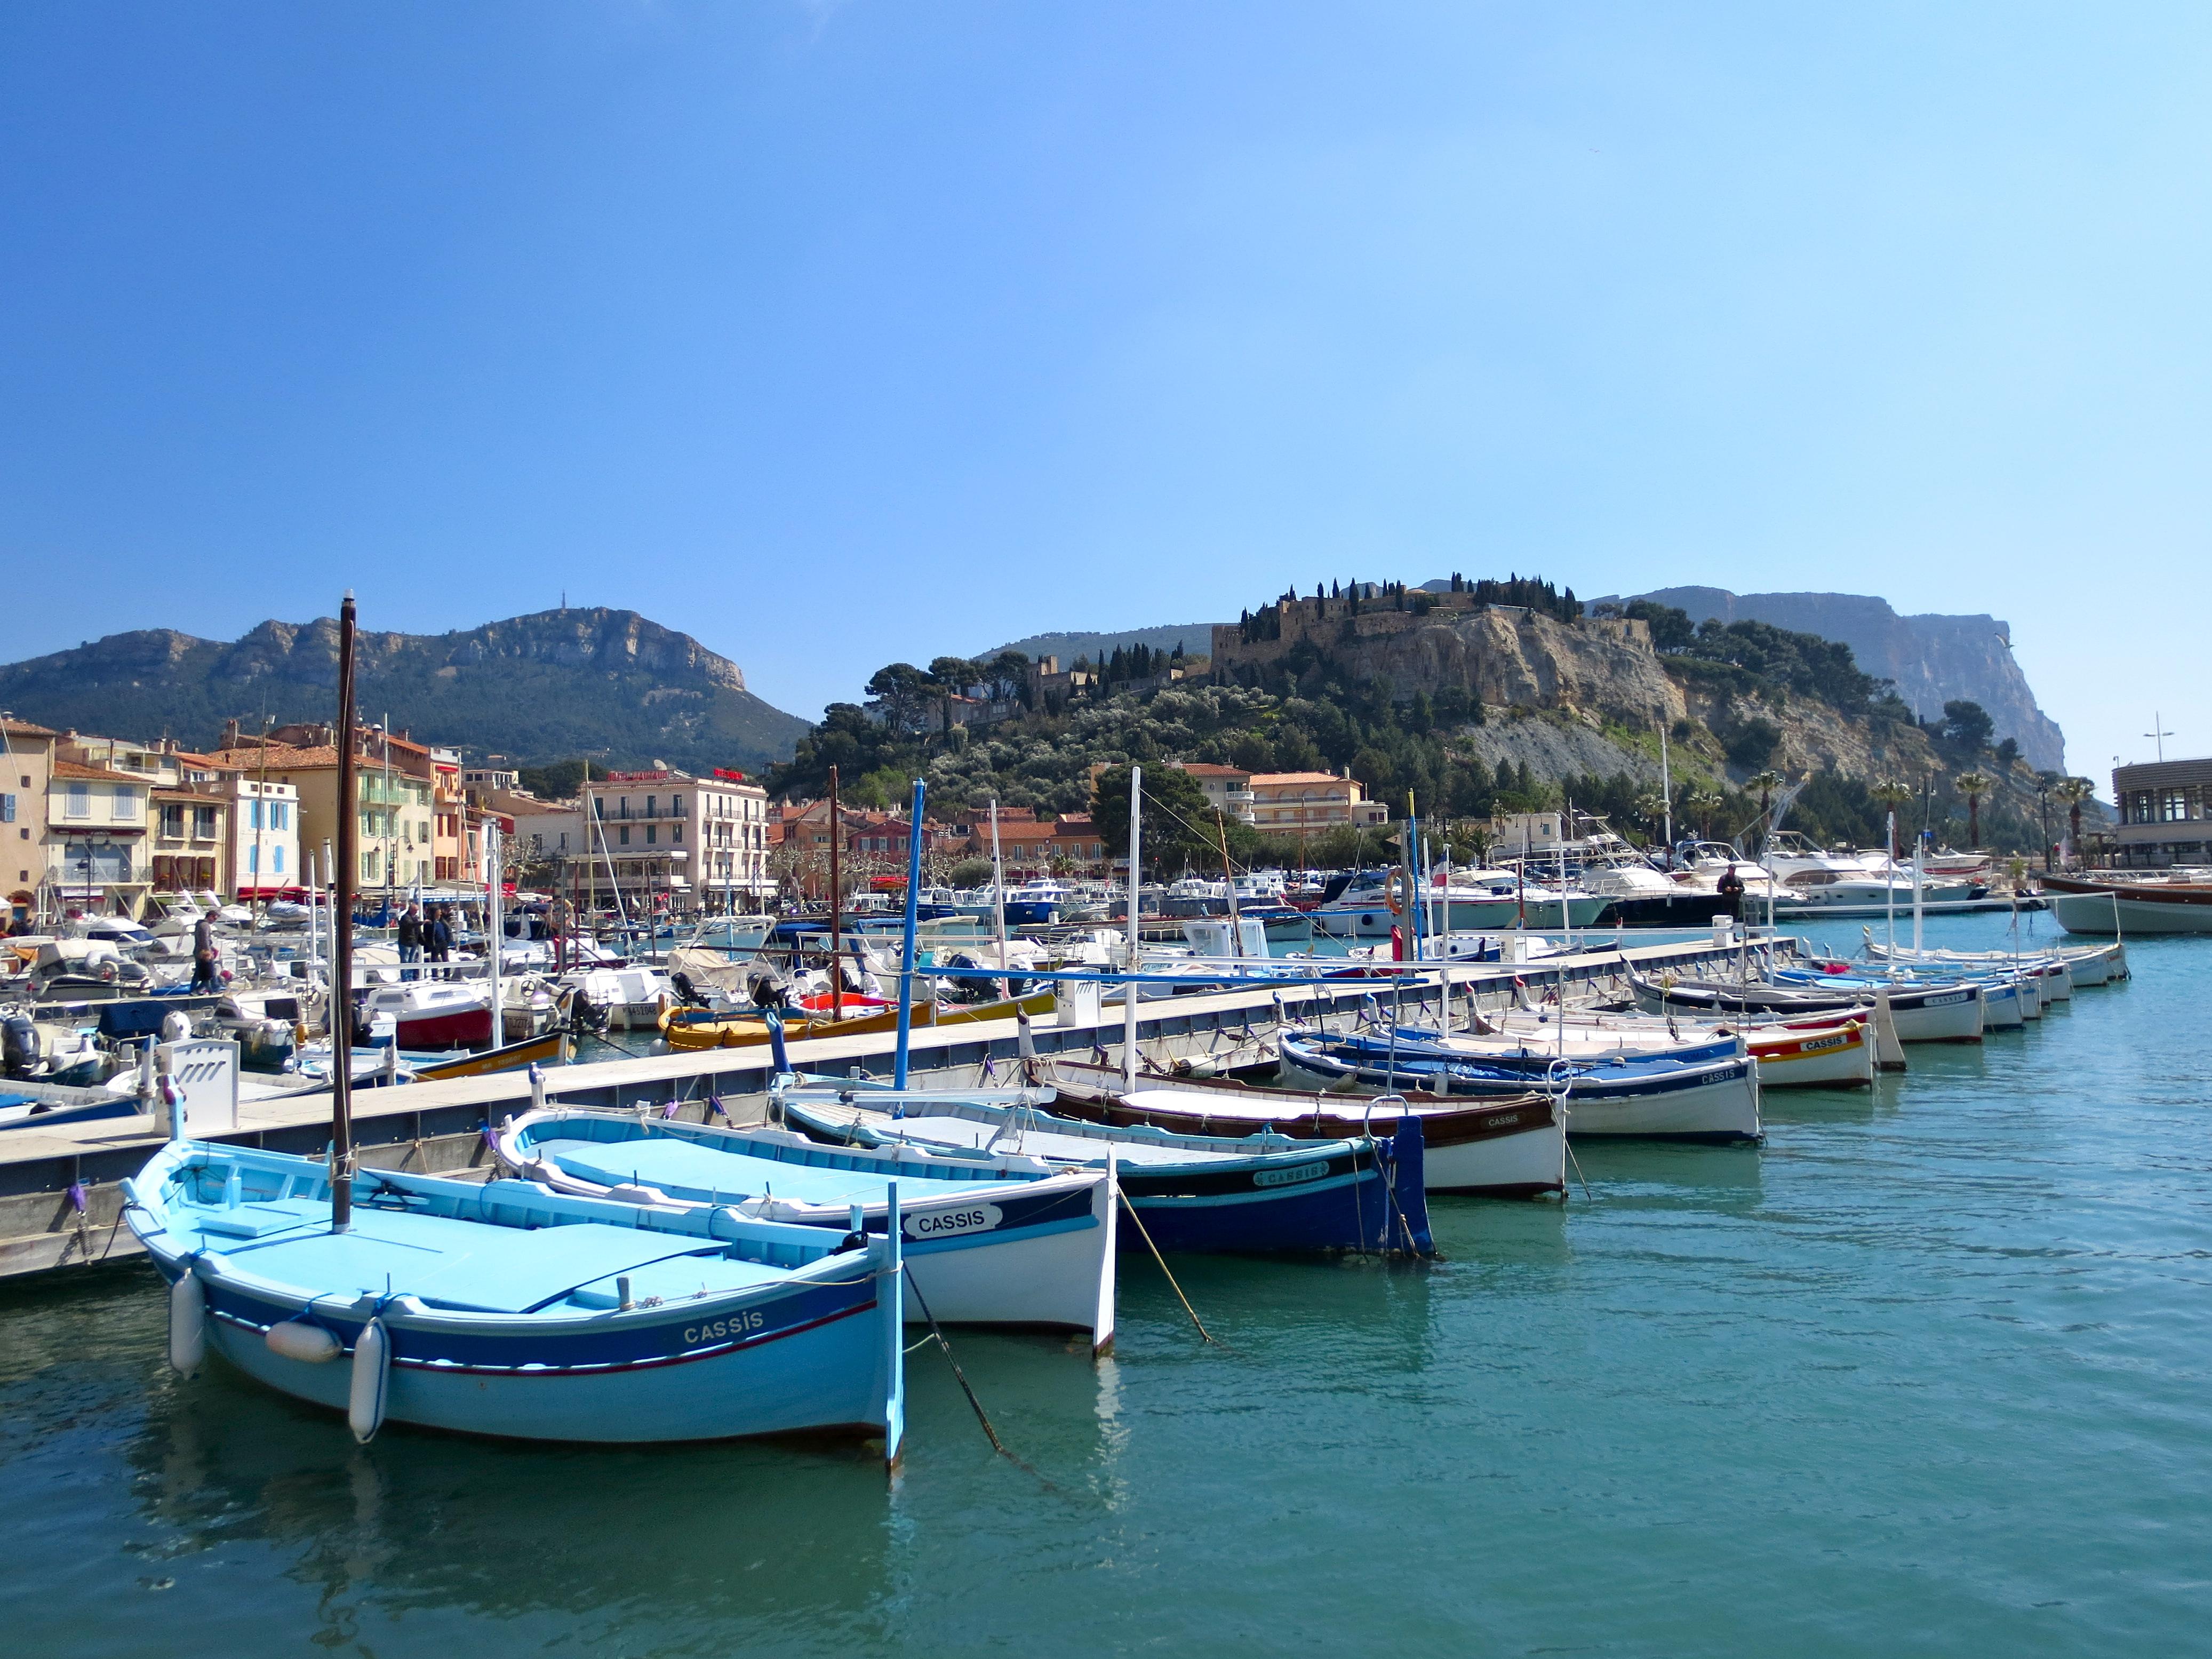 Cassis harbor